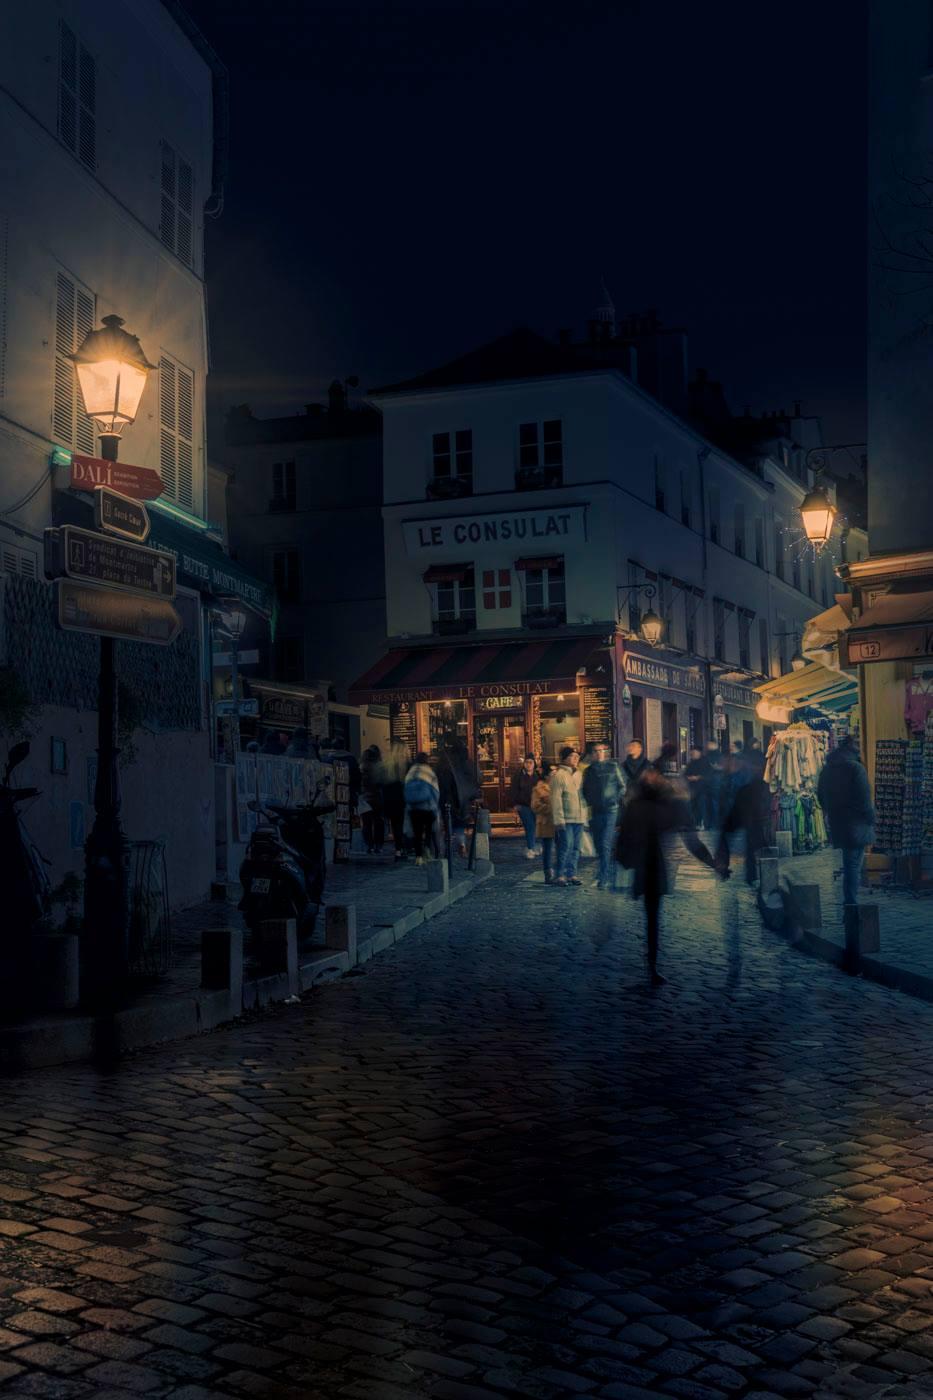 LDKphoto-PARIS-LE consulat-03.jpg